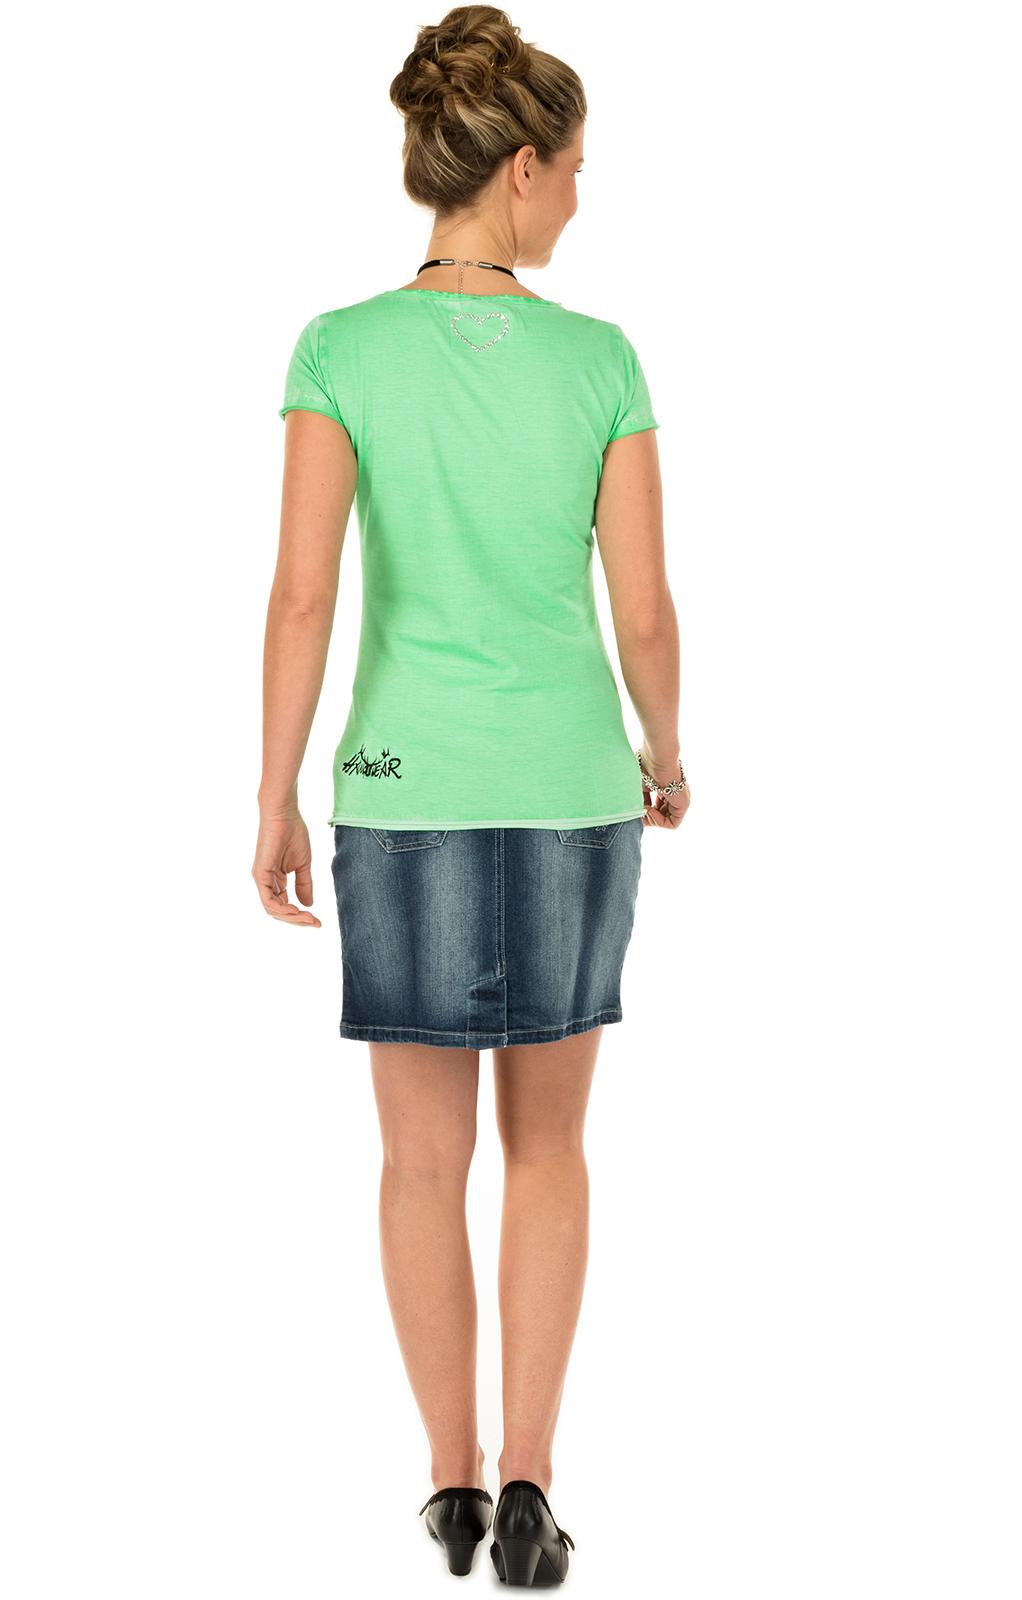 weitere Bilder von Trachten T-Shirt MALBA grün